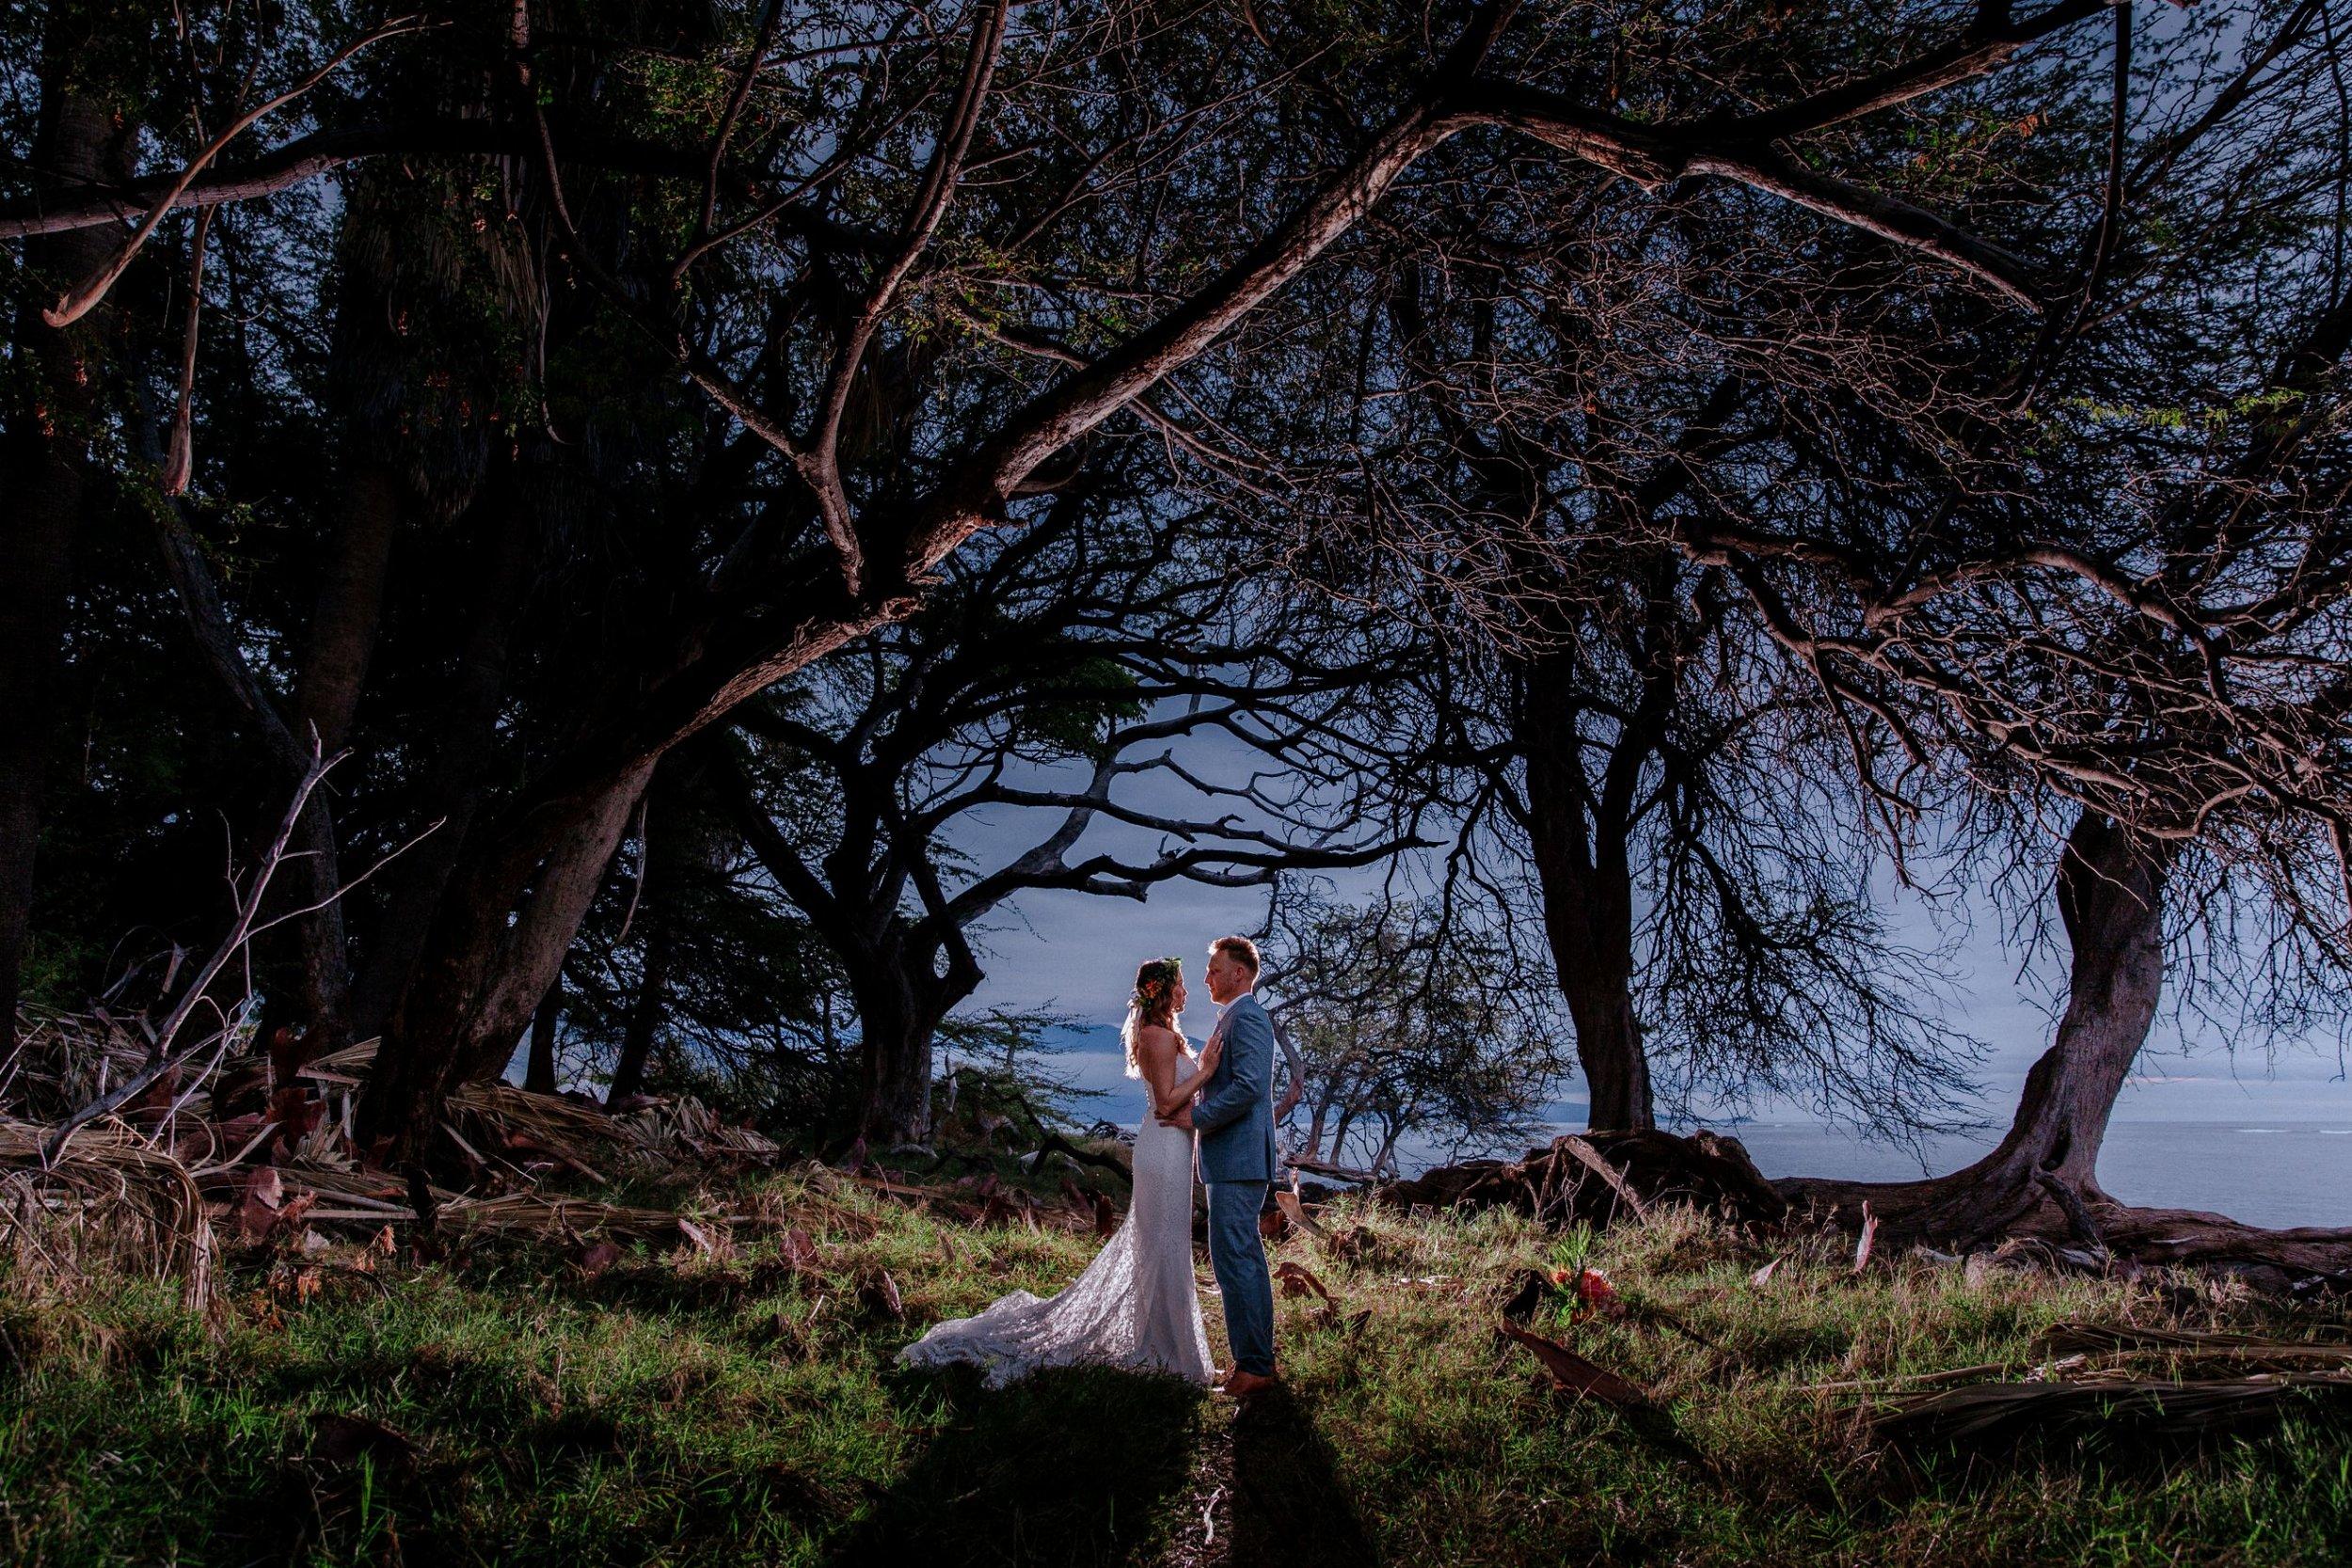 Chris-J-Evans-maui-wedding-JA3700-Edit.jpg